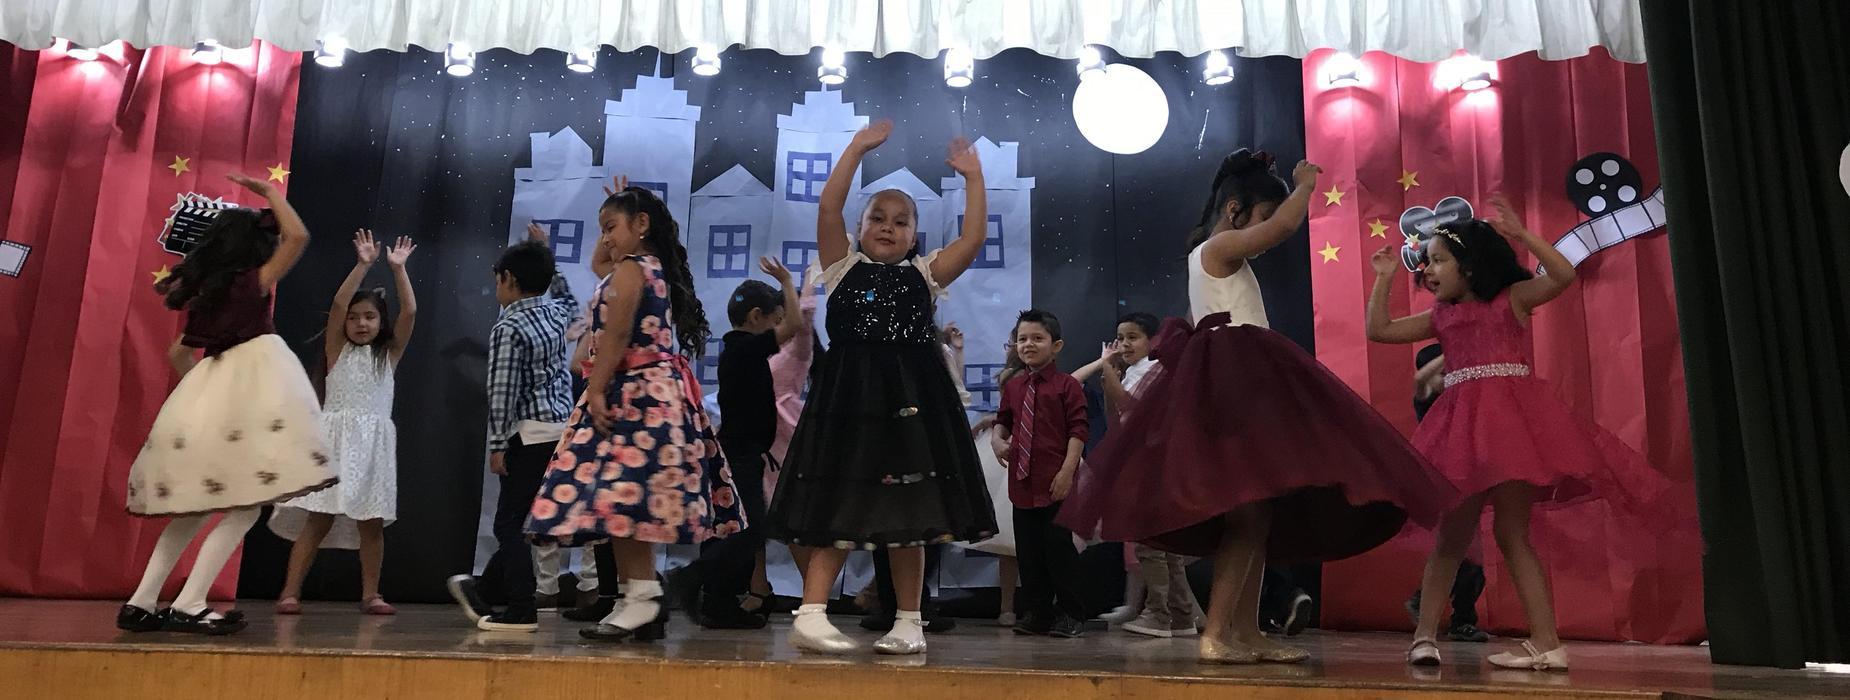 Kinders performing